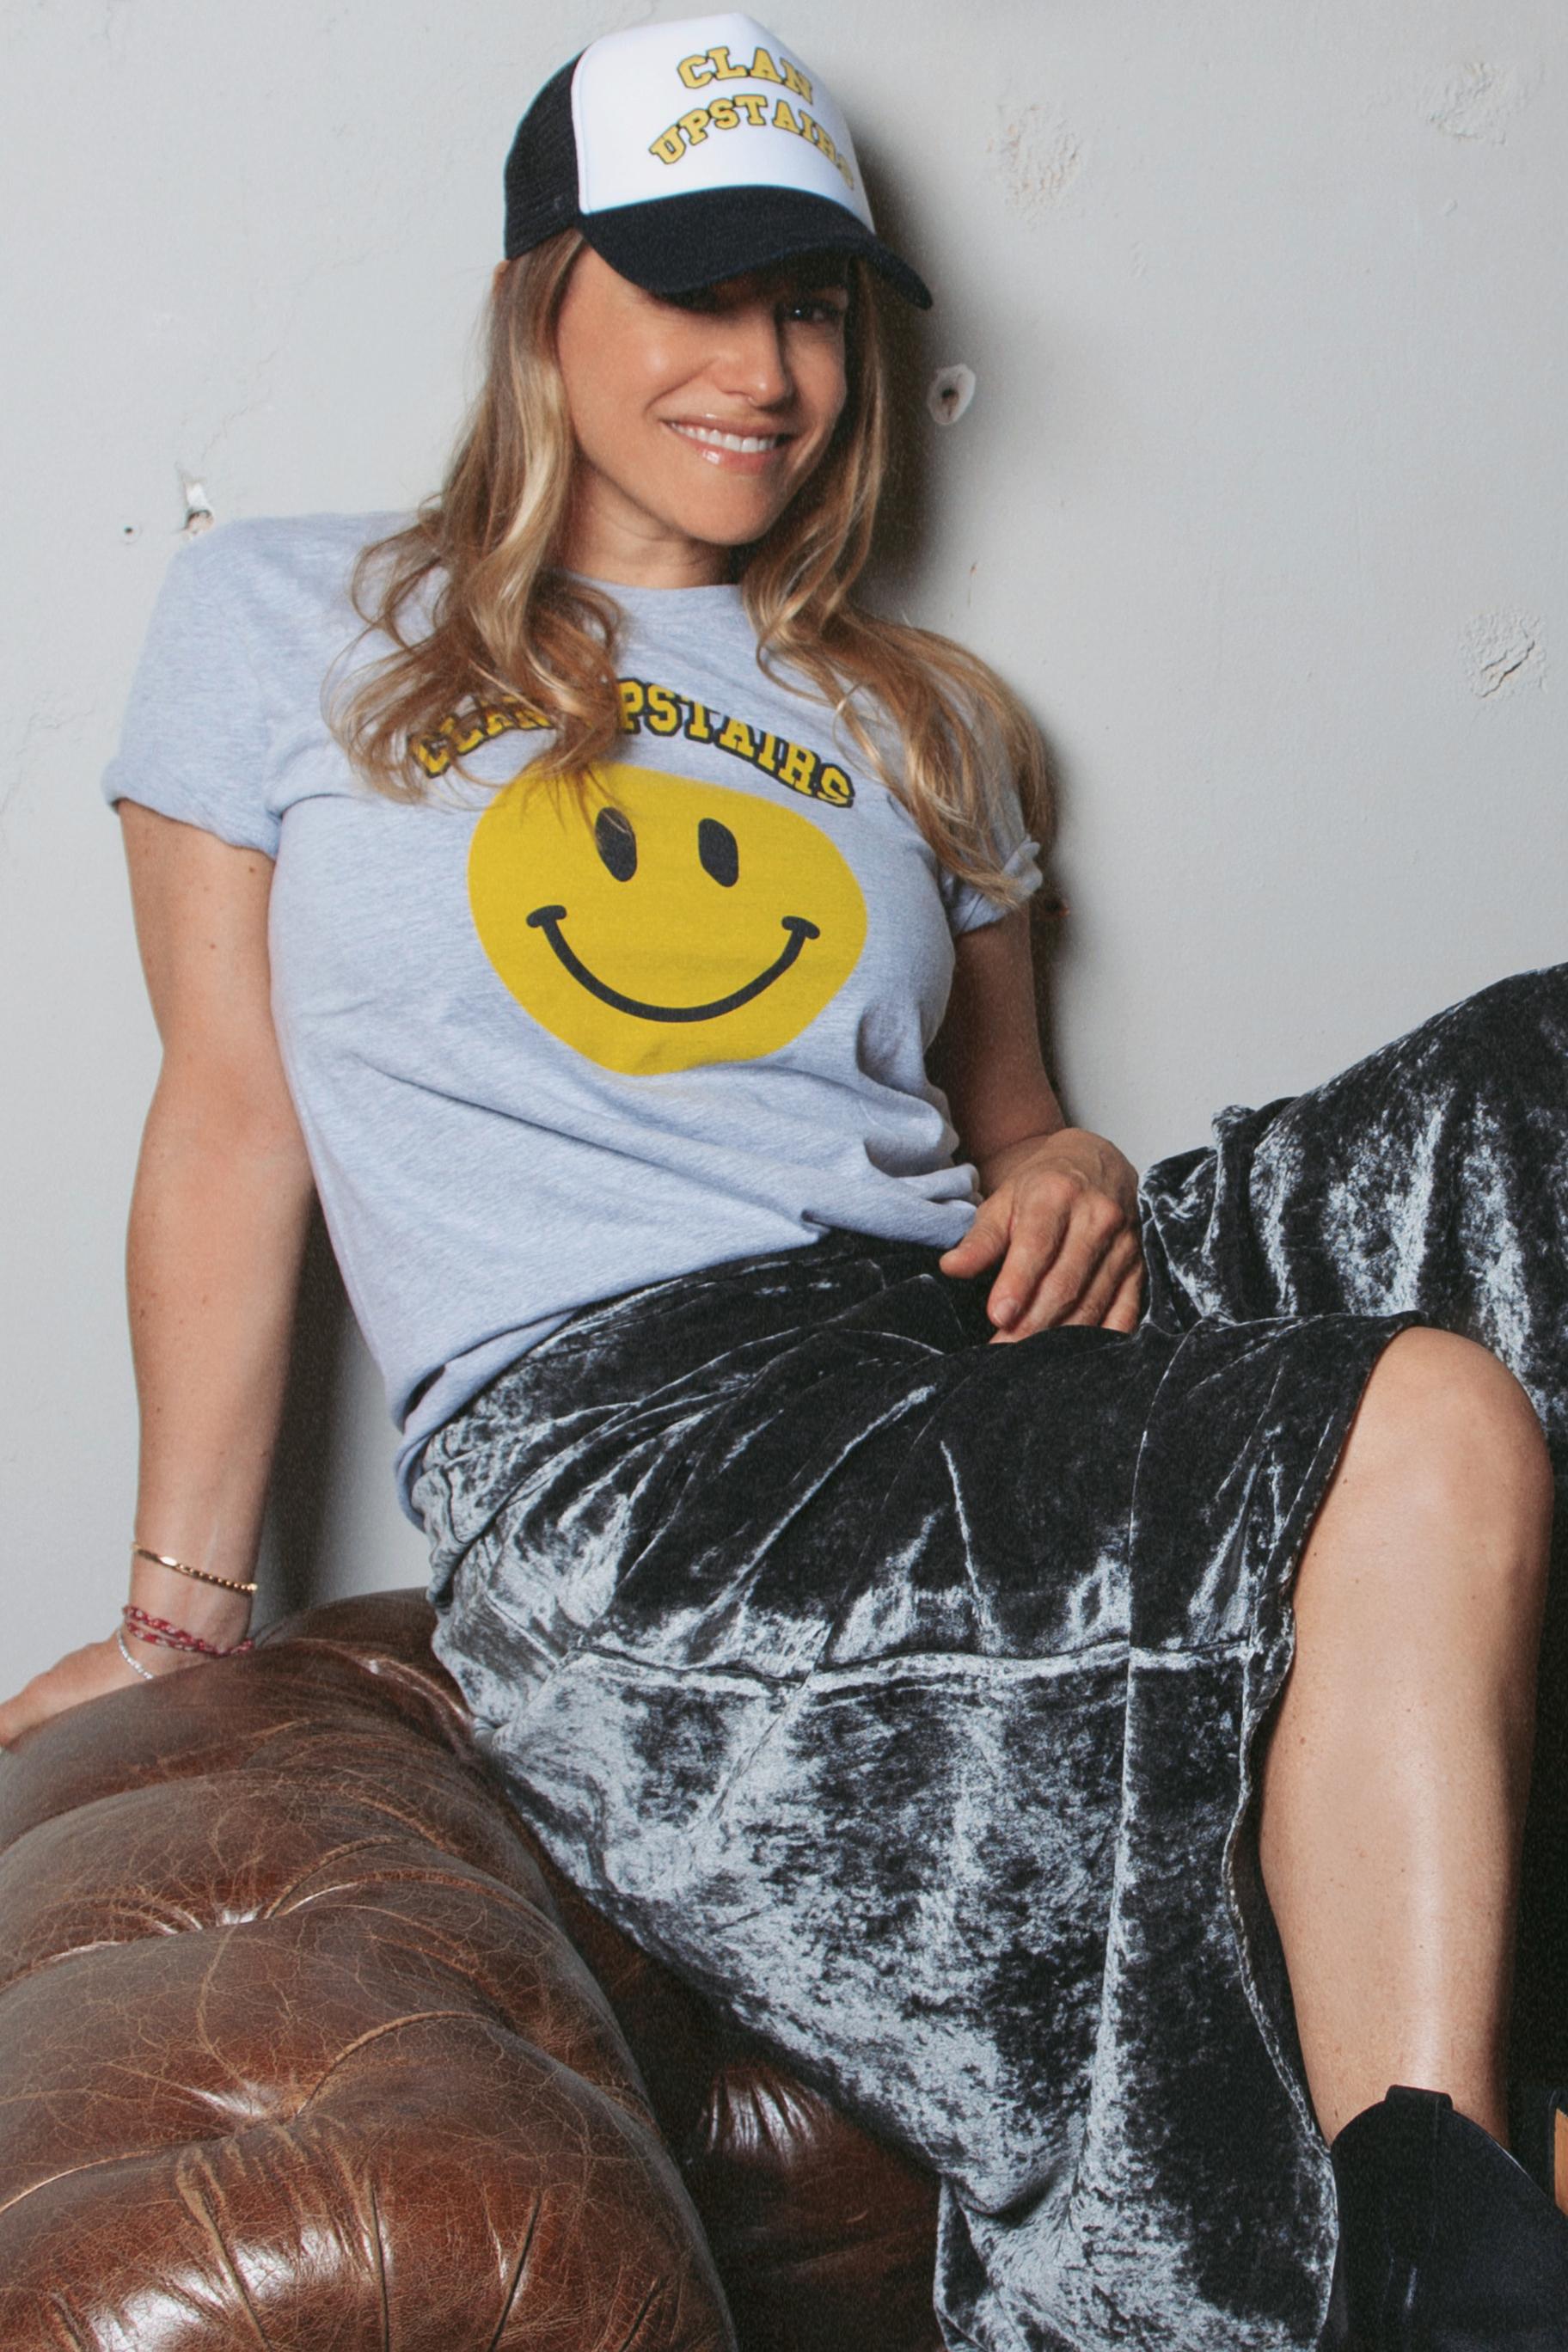 CLAN UPSTAIRS_KIND OF SMILE_POTRAIT_SS21_ALICE SOMMAVILLA.jpg